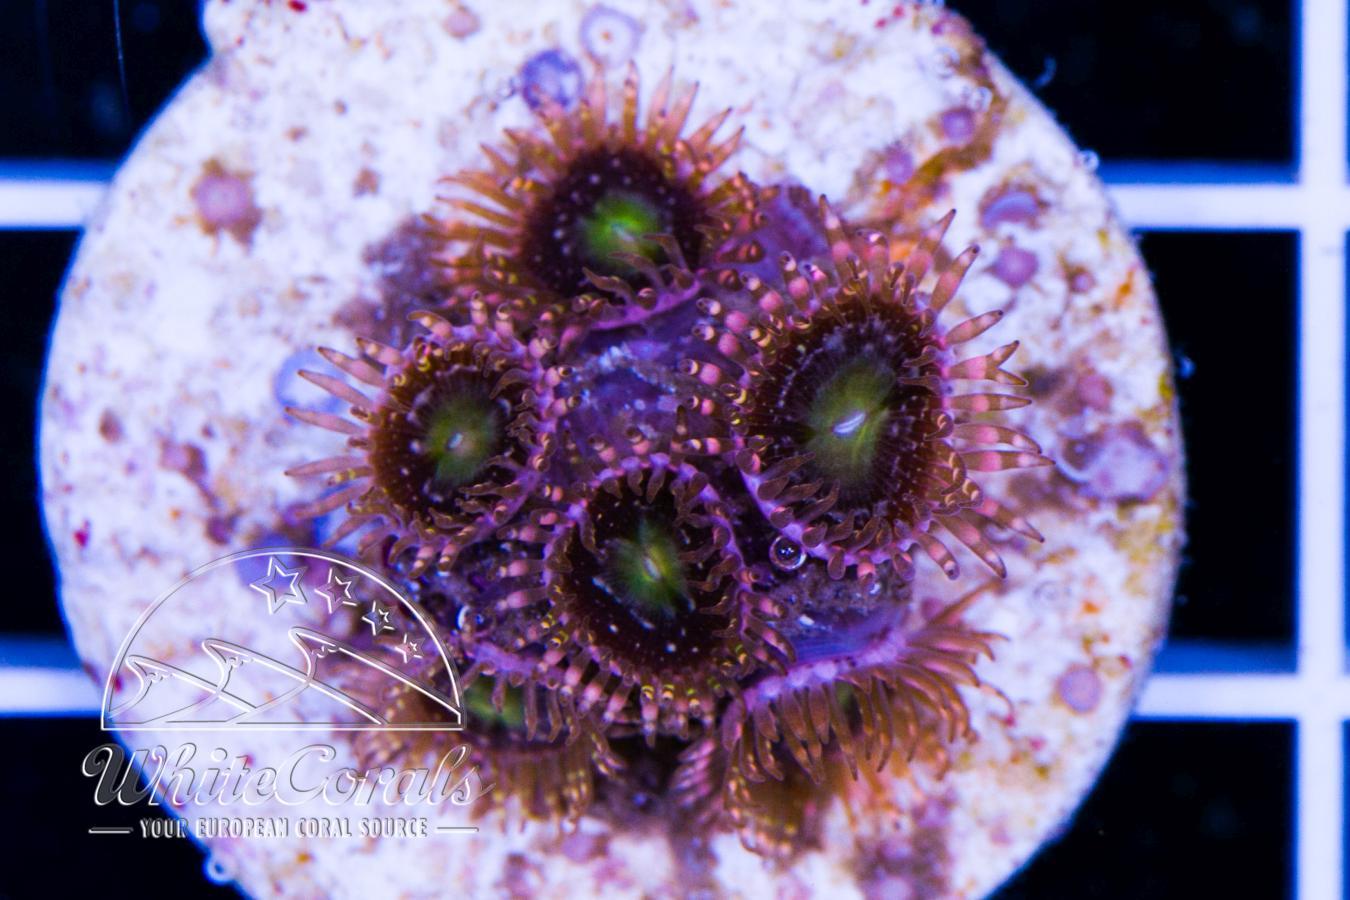 Zoanthus Alien Antivenom